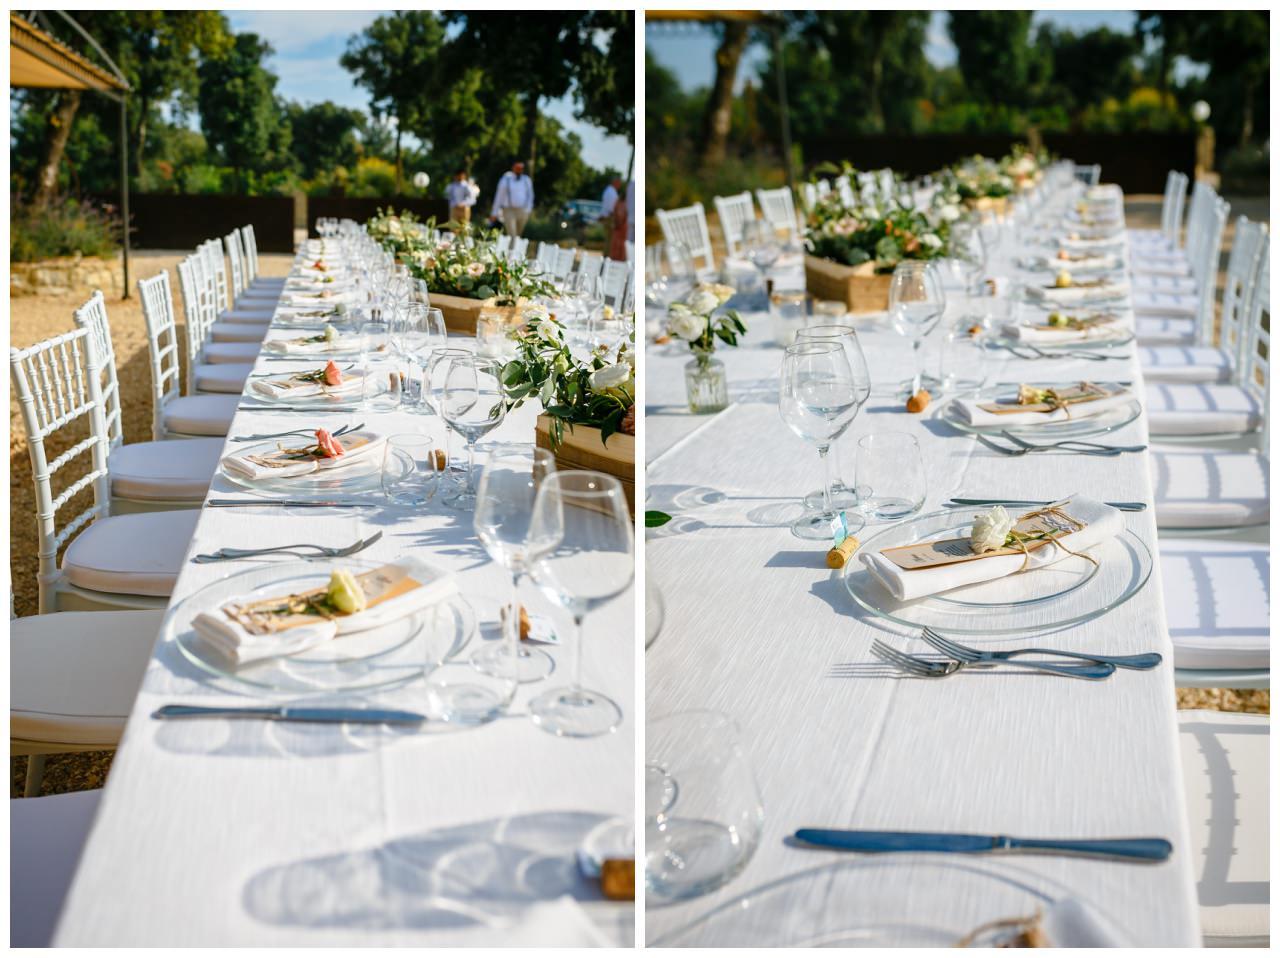 Hochzeit in Italien Hochzeitsfotograf Toskana Freie Trauung 47 - Hochzeit in Italien